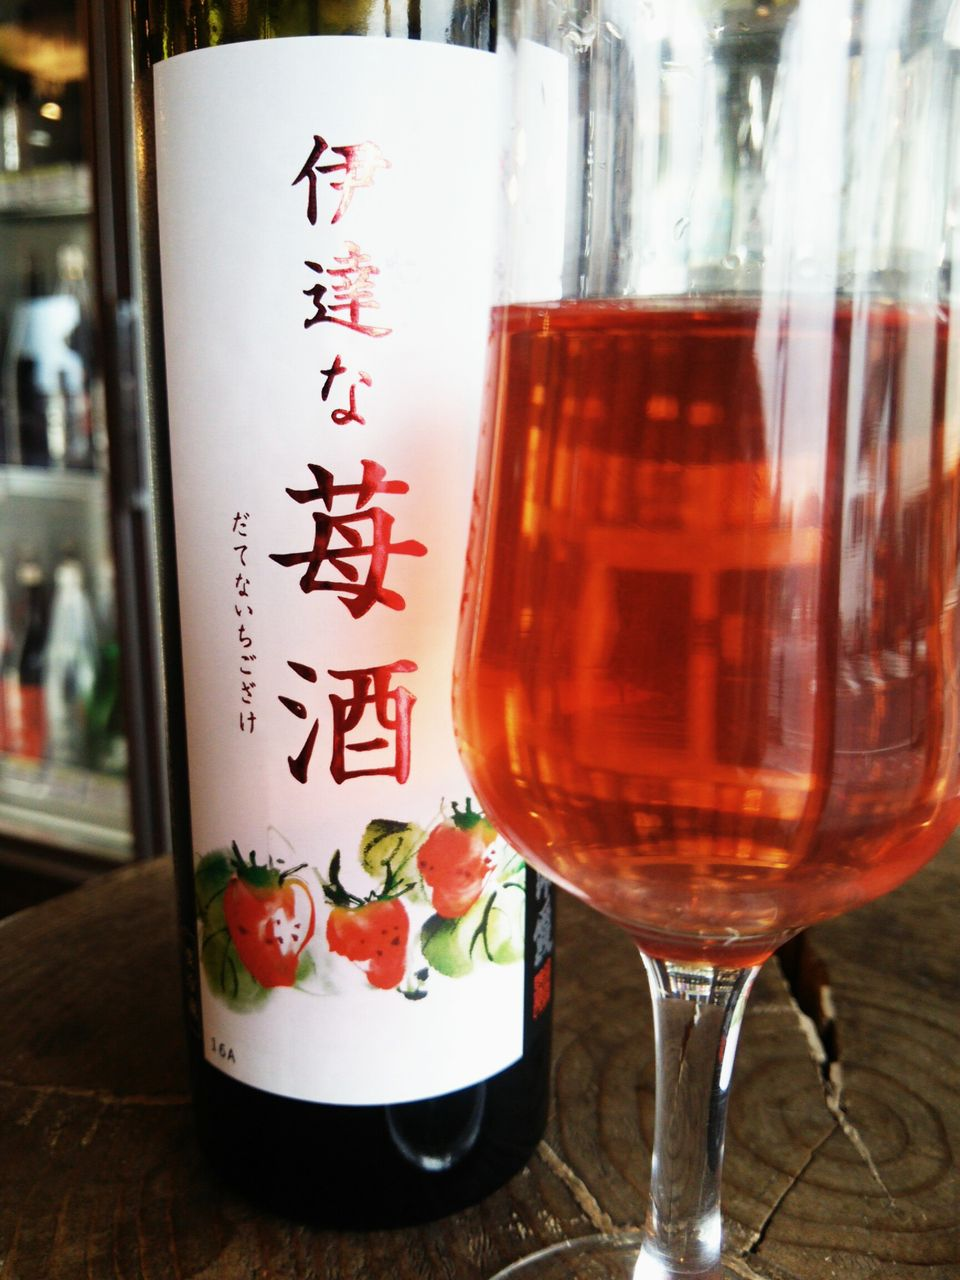 【通販は当店のみ!】浦霞 伊達な苺酒~透き通ったイチゴの色は感動的。ソーダ割も牛乳割も美味。